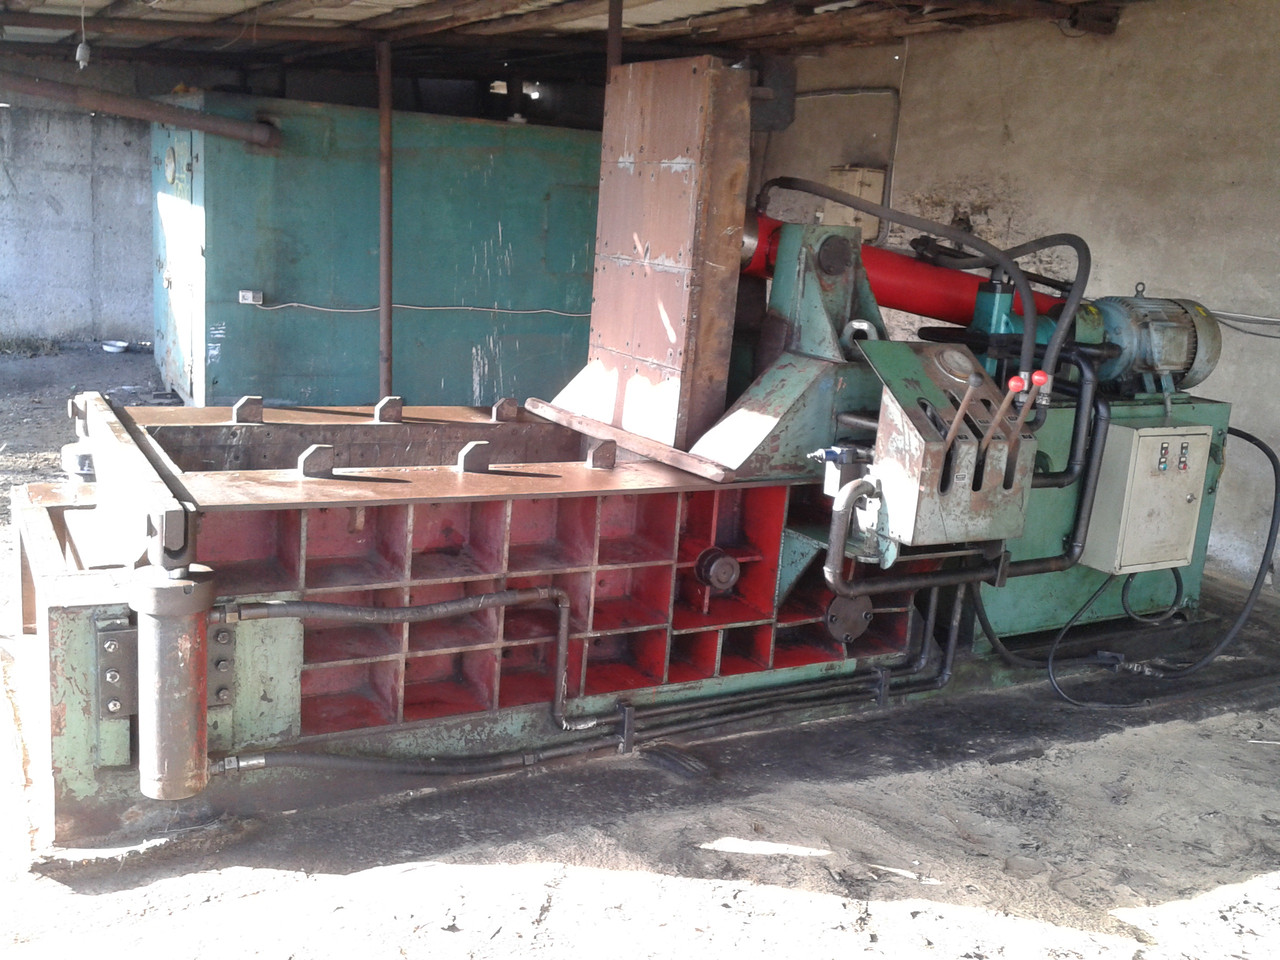 Пресс для металлолома Y81Q-135, 2012 г.в. - Оборудование для промышленности и переработки металлолома в Киеве